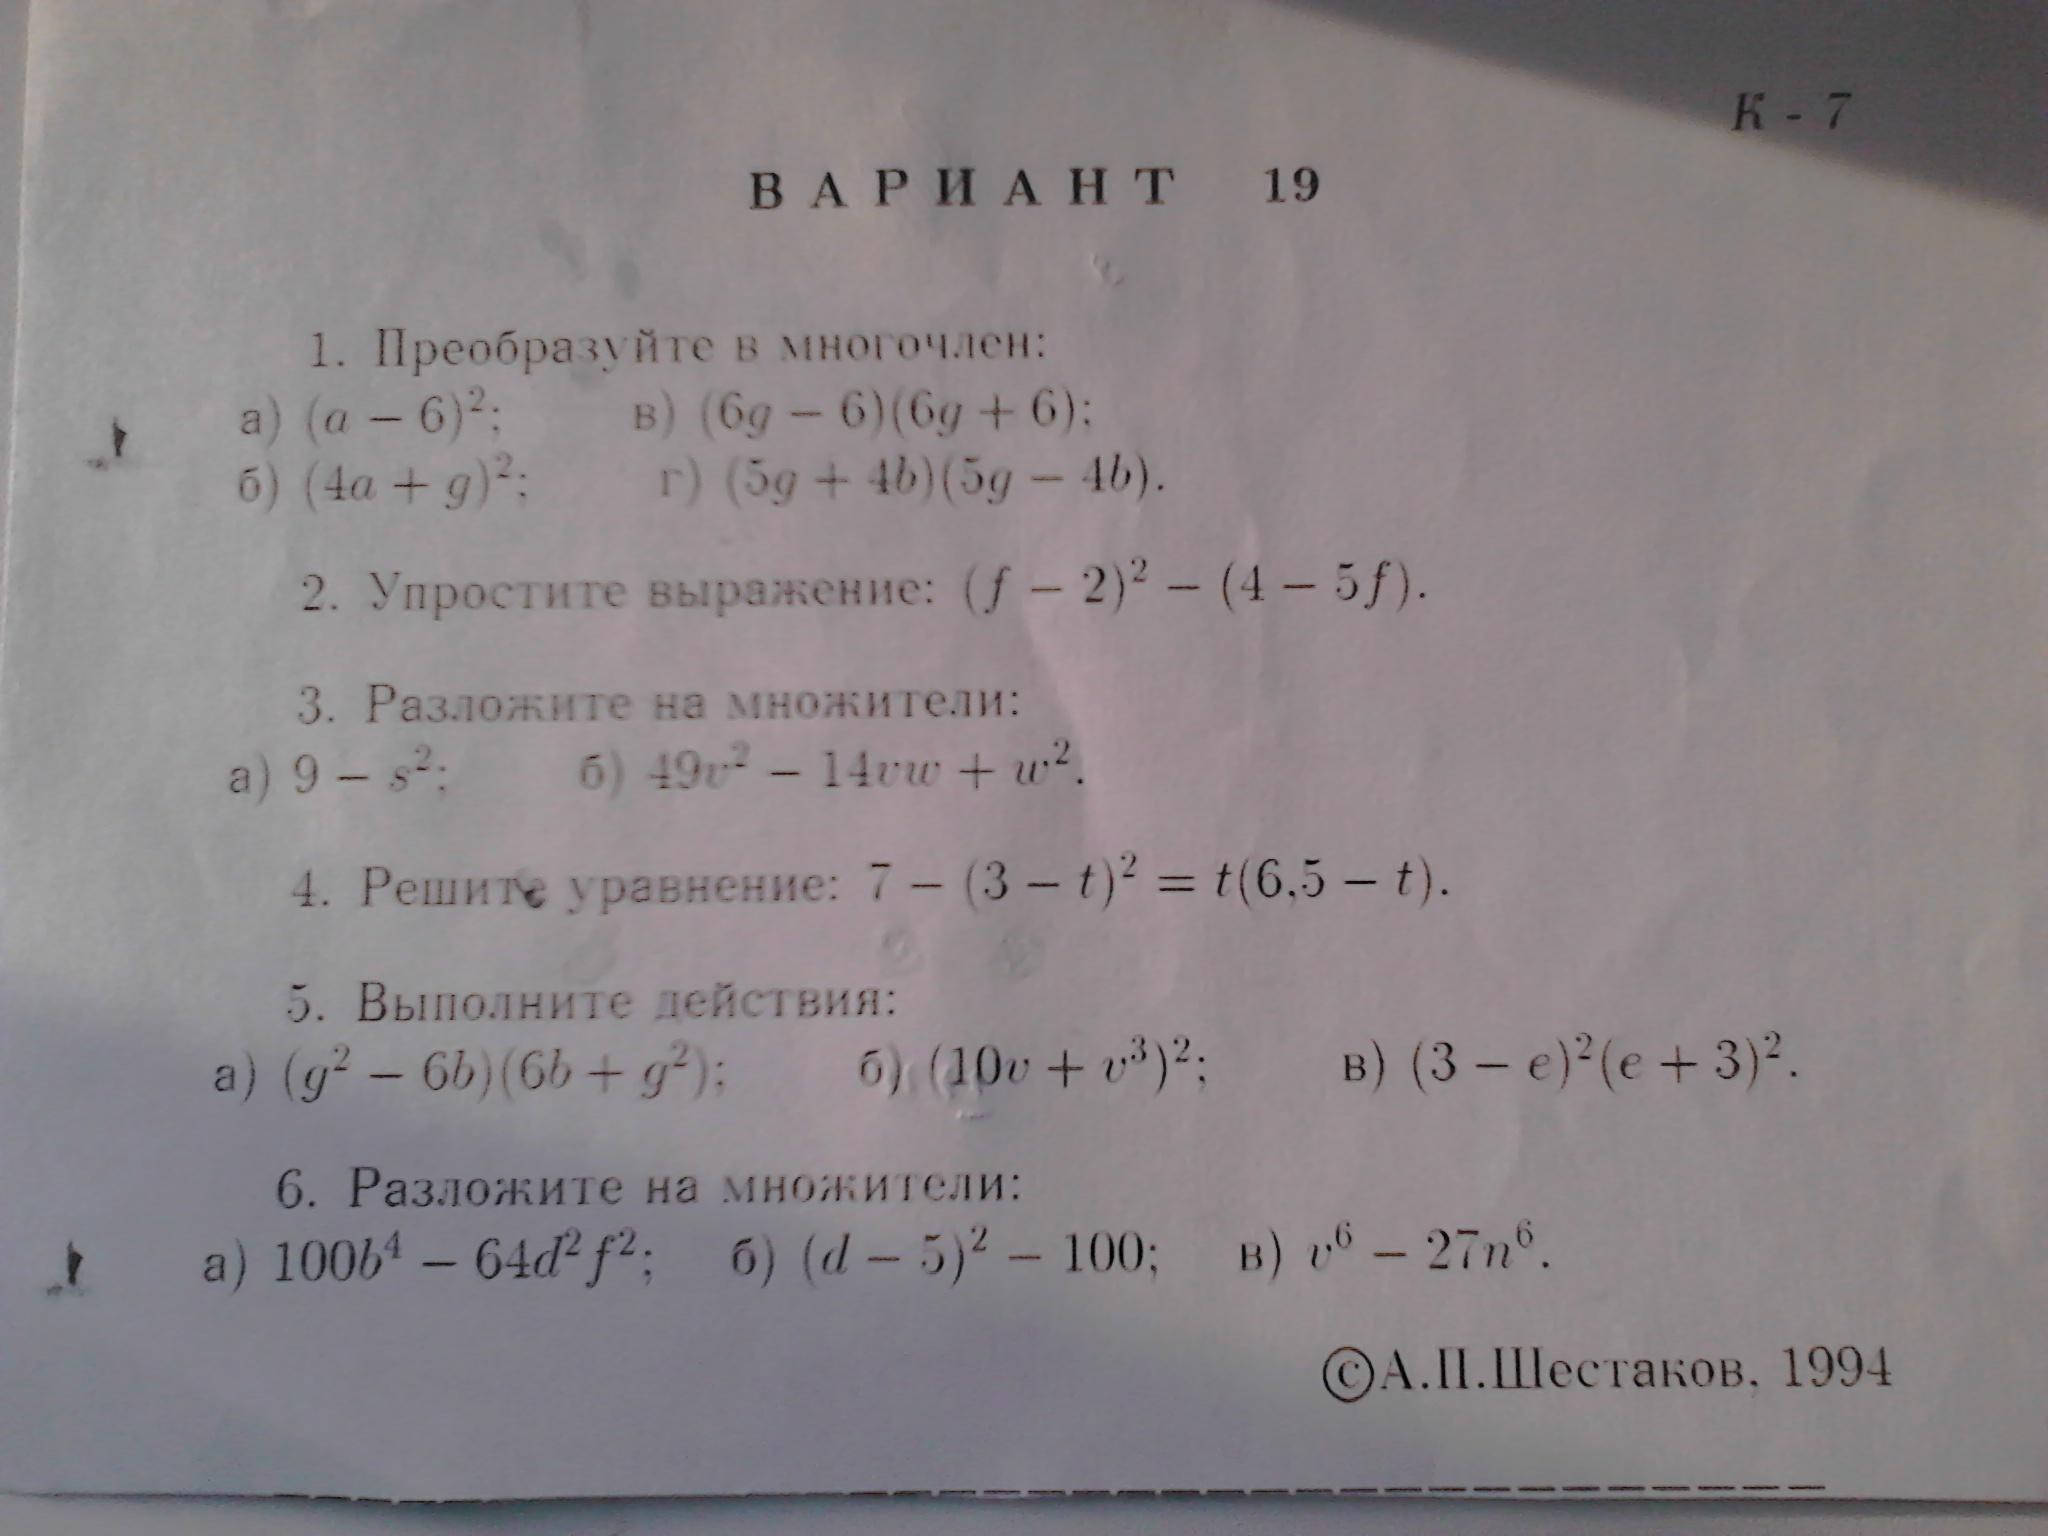 Помочь решить задачу по алгебре 7 класс прямая на плоскости решение задач для чайников